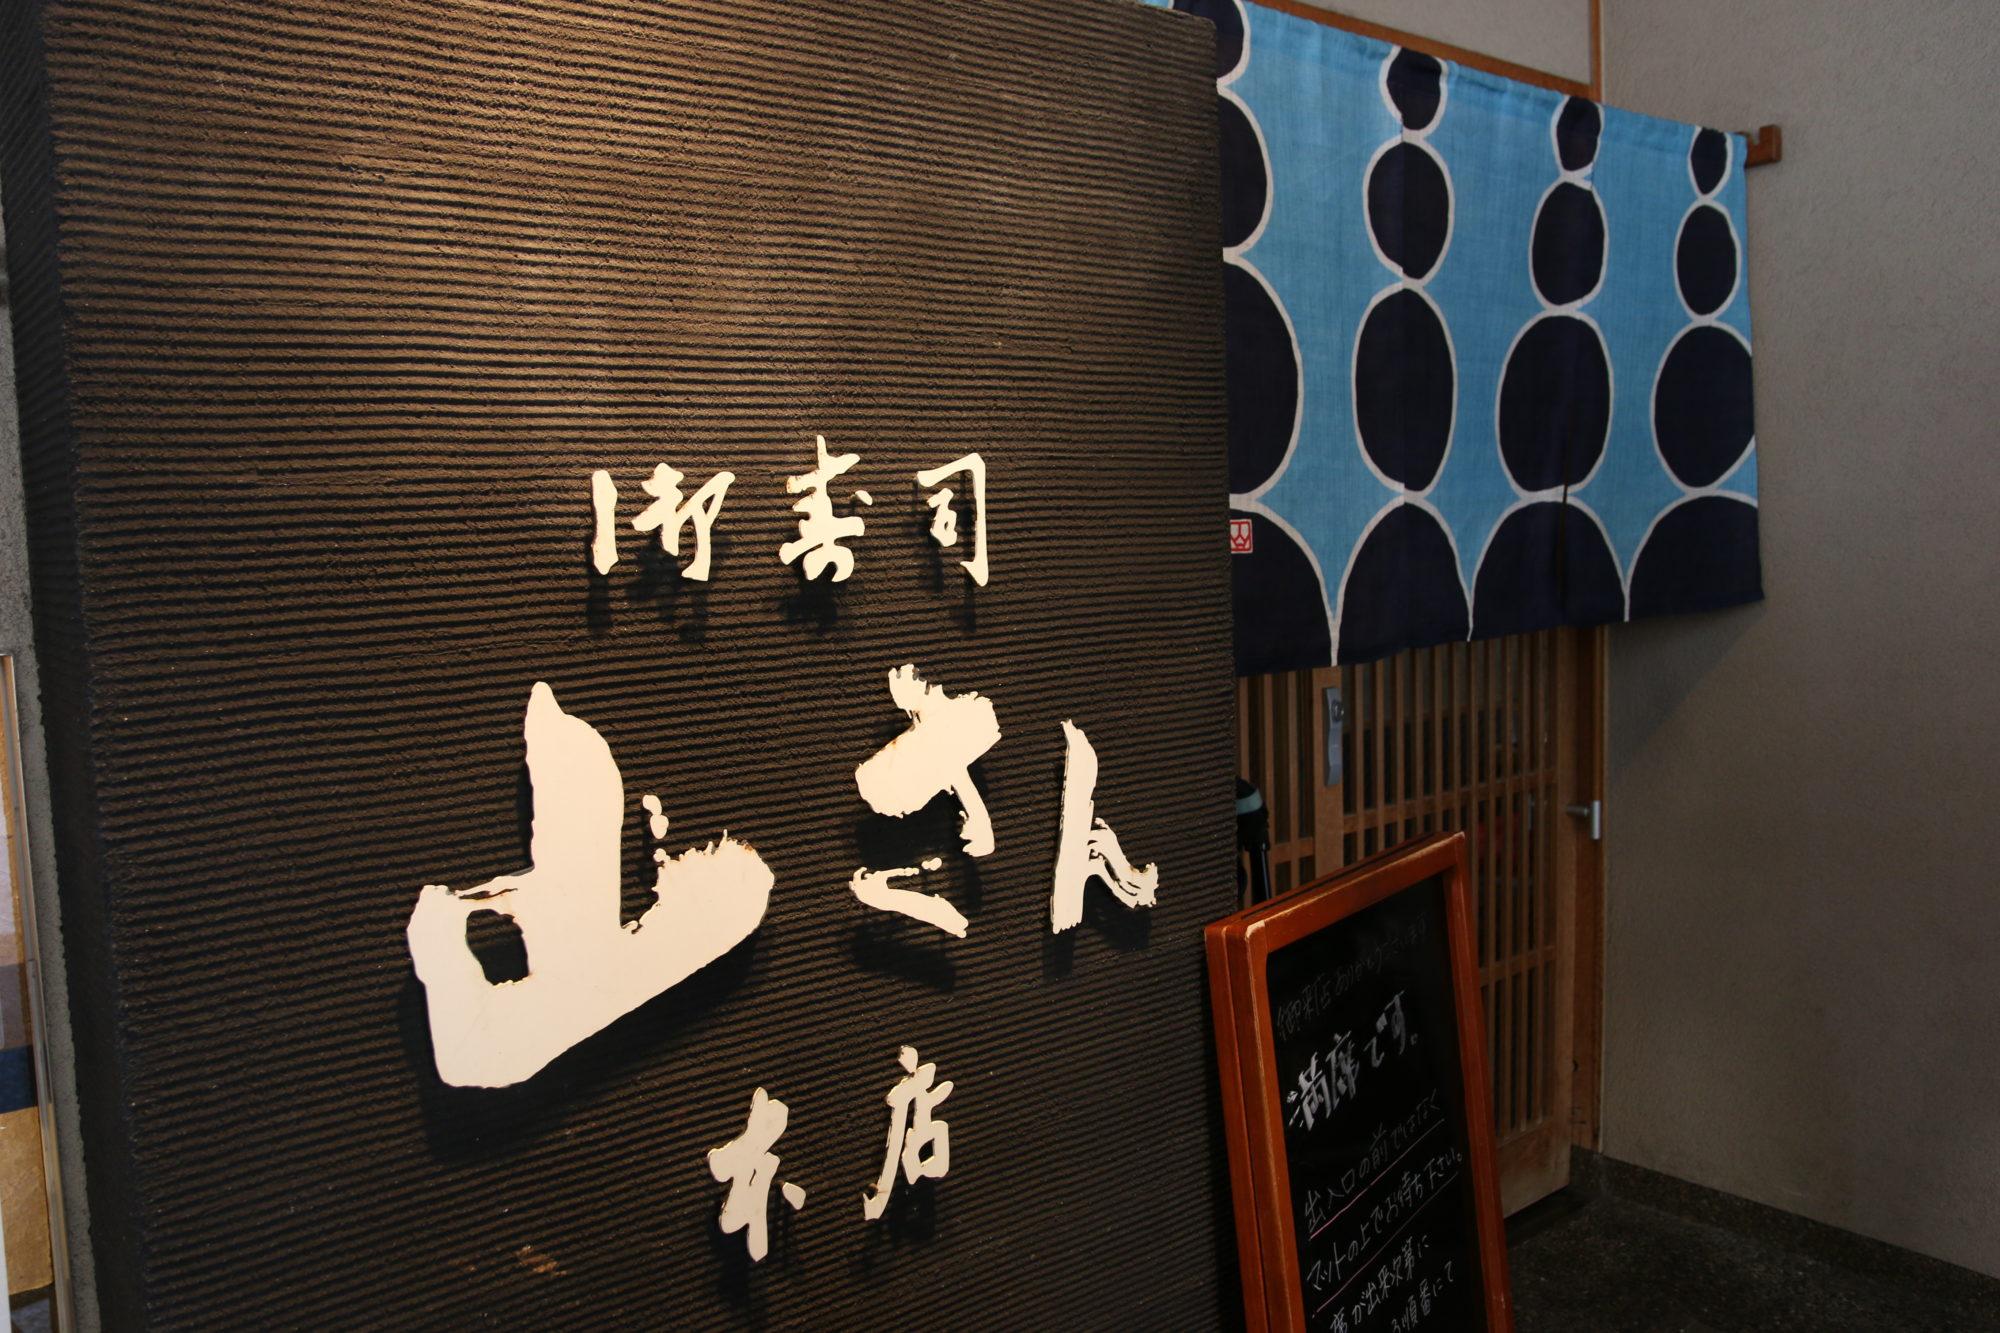 山さん寿司本店~朝7時半に並んで金沢近江町市場で朝ご飯で海鮮丼をいただく~